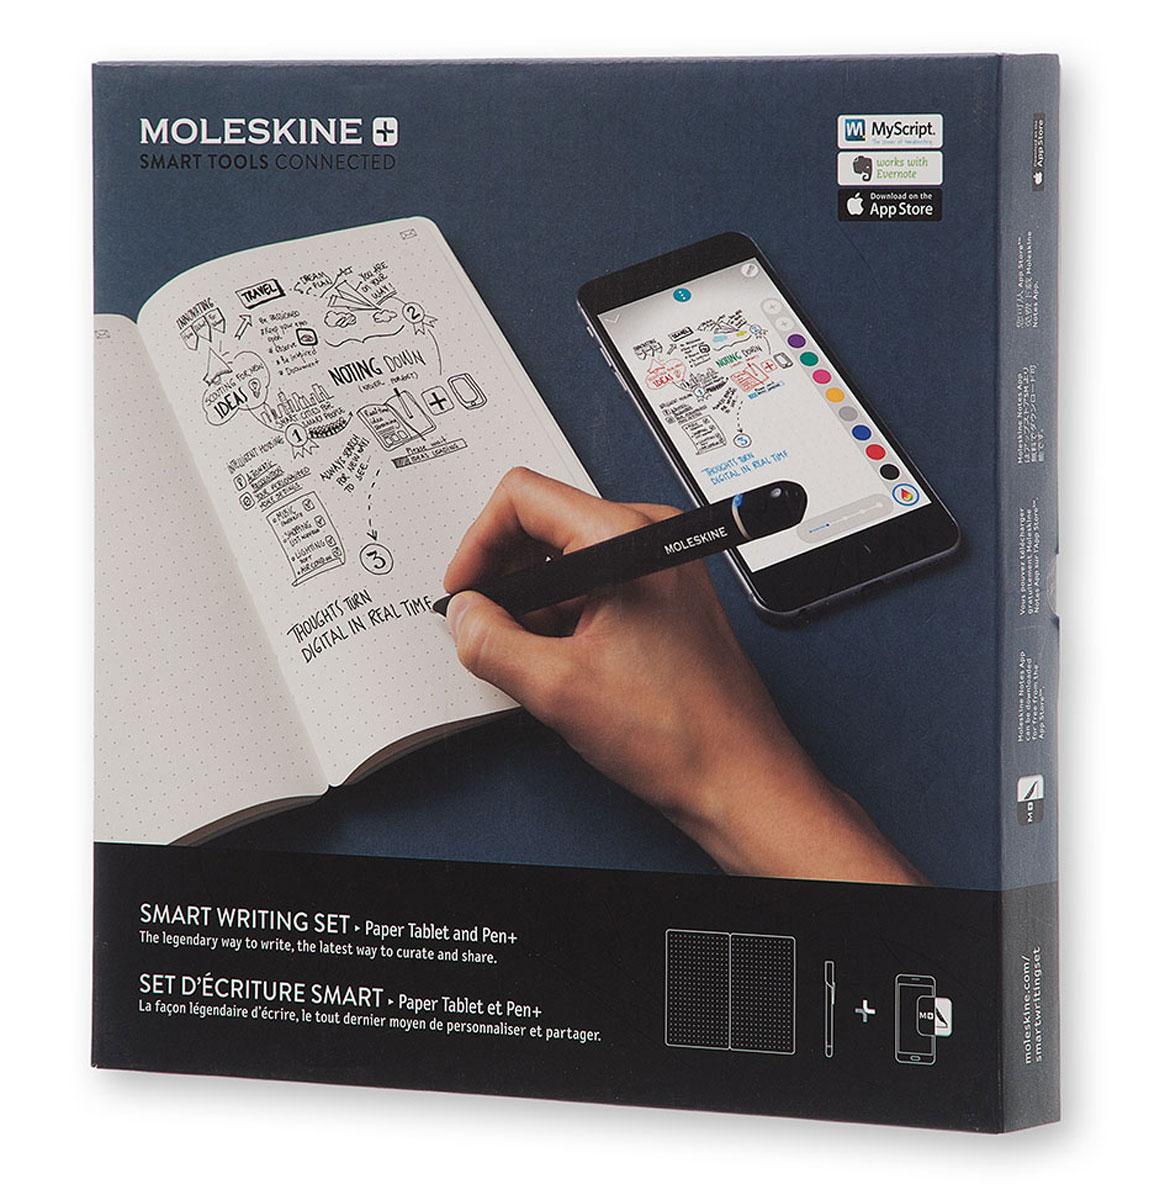 Moleskine Набор Smart Writing блокнот Paper Tablet / ручка Smart Pen+PTSETAНаблюдайте за тем, как ваши идеи перемещаются со страницы и развертываются на экране с помощью Moleskine Paper Tablet нового поколения, Pen+ и сопутствующего приложения. Насладитесь непосредственностью письма ручкой на бумаге в сочетании со всеми преимуществами цифрового творчества. Технология Ncoded позволяет ручке Pen+ распознавать место, в котором она находится на планшете Paper Tablet, и запечатлевать каждый ее штрих по мере того, как вы излагаете свои мысли. Затем приложение плавно переносит ваши заметки от руки со страницы на экран в режиме реального времени, что дает вам возможность оцифровывать текст, редактировать, систематизировать его, делиться своими идеями и претворять их в жизнь. Просто нажмите на значок конверта на странице, чтобы сразу же поделиться ею. Набор Smart Writing, который является частью M+ Collection, сочетает в себе ваши любимые инструменты, гарантирующие бесперебойный творческий процесс, где бы вы ни находились. Естественно аналоговый, удобно цифровой, очень Moleskine.К ручке подходит много стержней , стержень в комплекте не является уникальным. Вся суть в датчике, установленном в пере ручки. Чернила по сути нужны только для того, чтобы вы видели что пишите на бумаге. В телефоне будет появляться надпись даже если чернил не будет. Что входит в комплект: - планшет Paper Tablet со специальной бумагой, предназначенной для работы с Pen+, с пунктирным макетом; - умная ручка Pen+; - кабель USB для зарядки умной ручки; - 1 запасной наконечник с чернилами;... Рекомендуем!